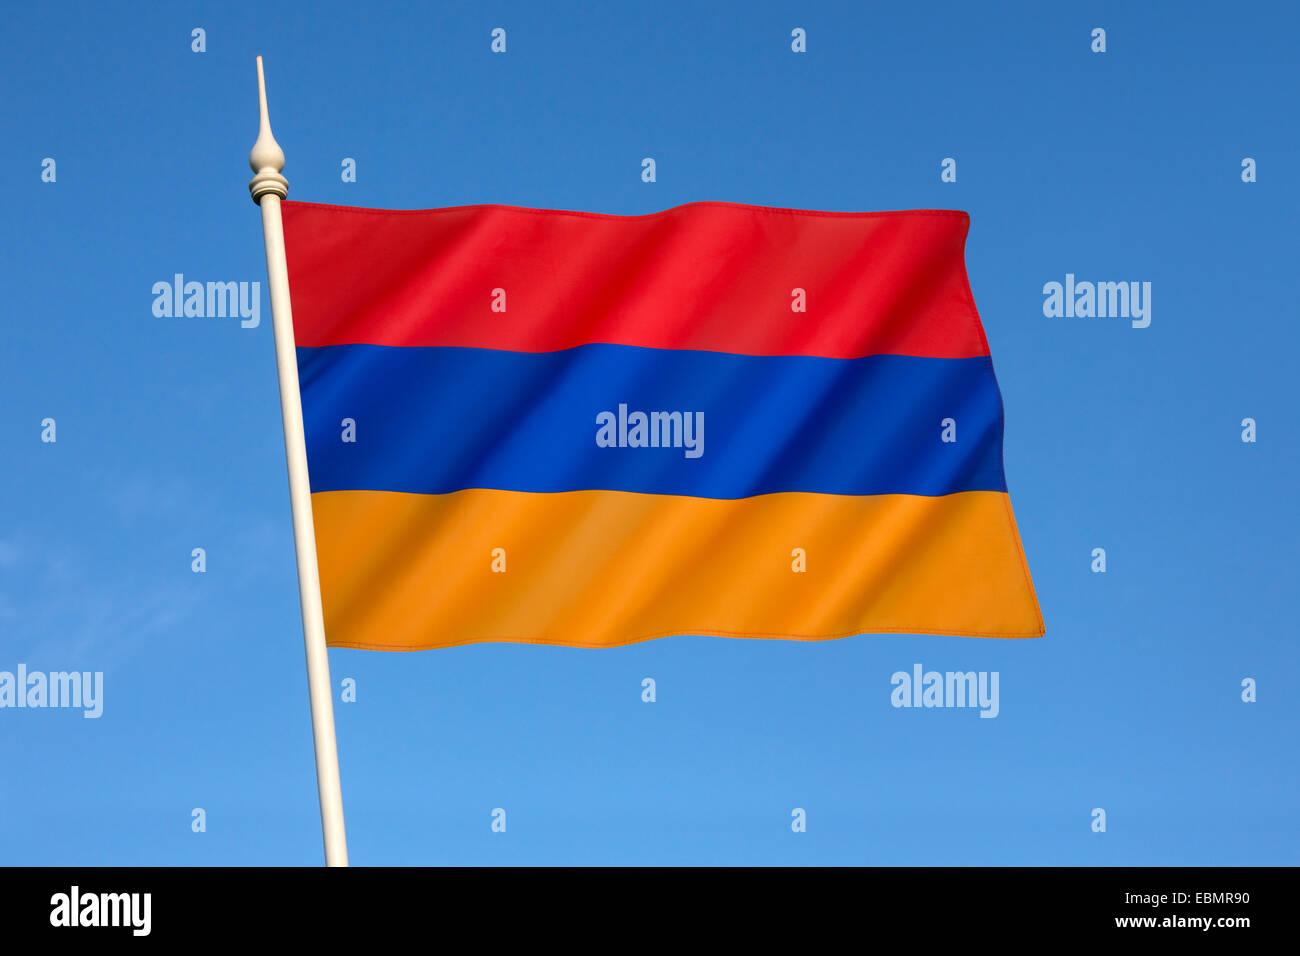 A bandeira nacional da Arménia, o Arménio ou Yeraguyn tricolor. Imagens de Stock